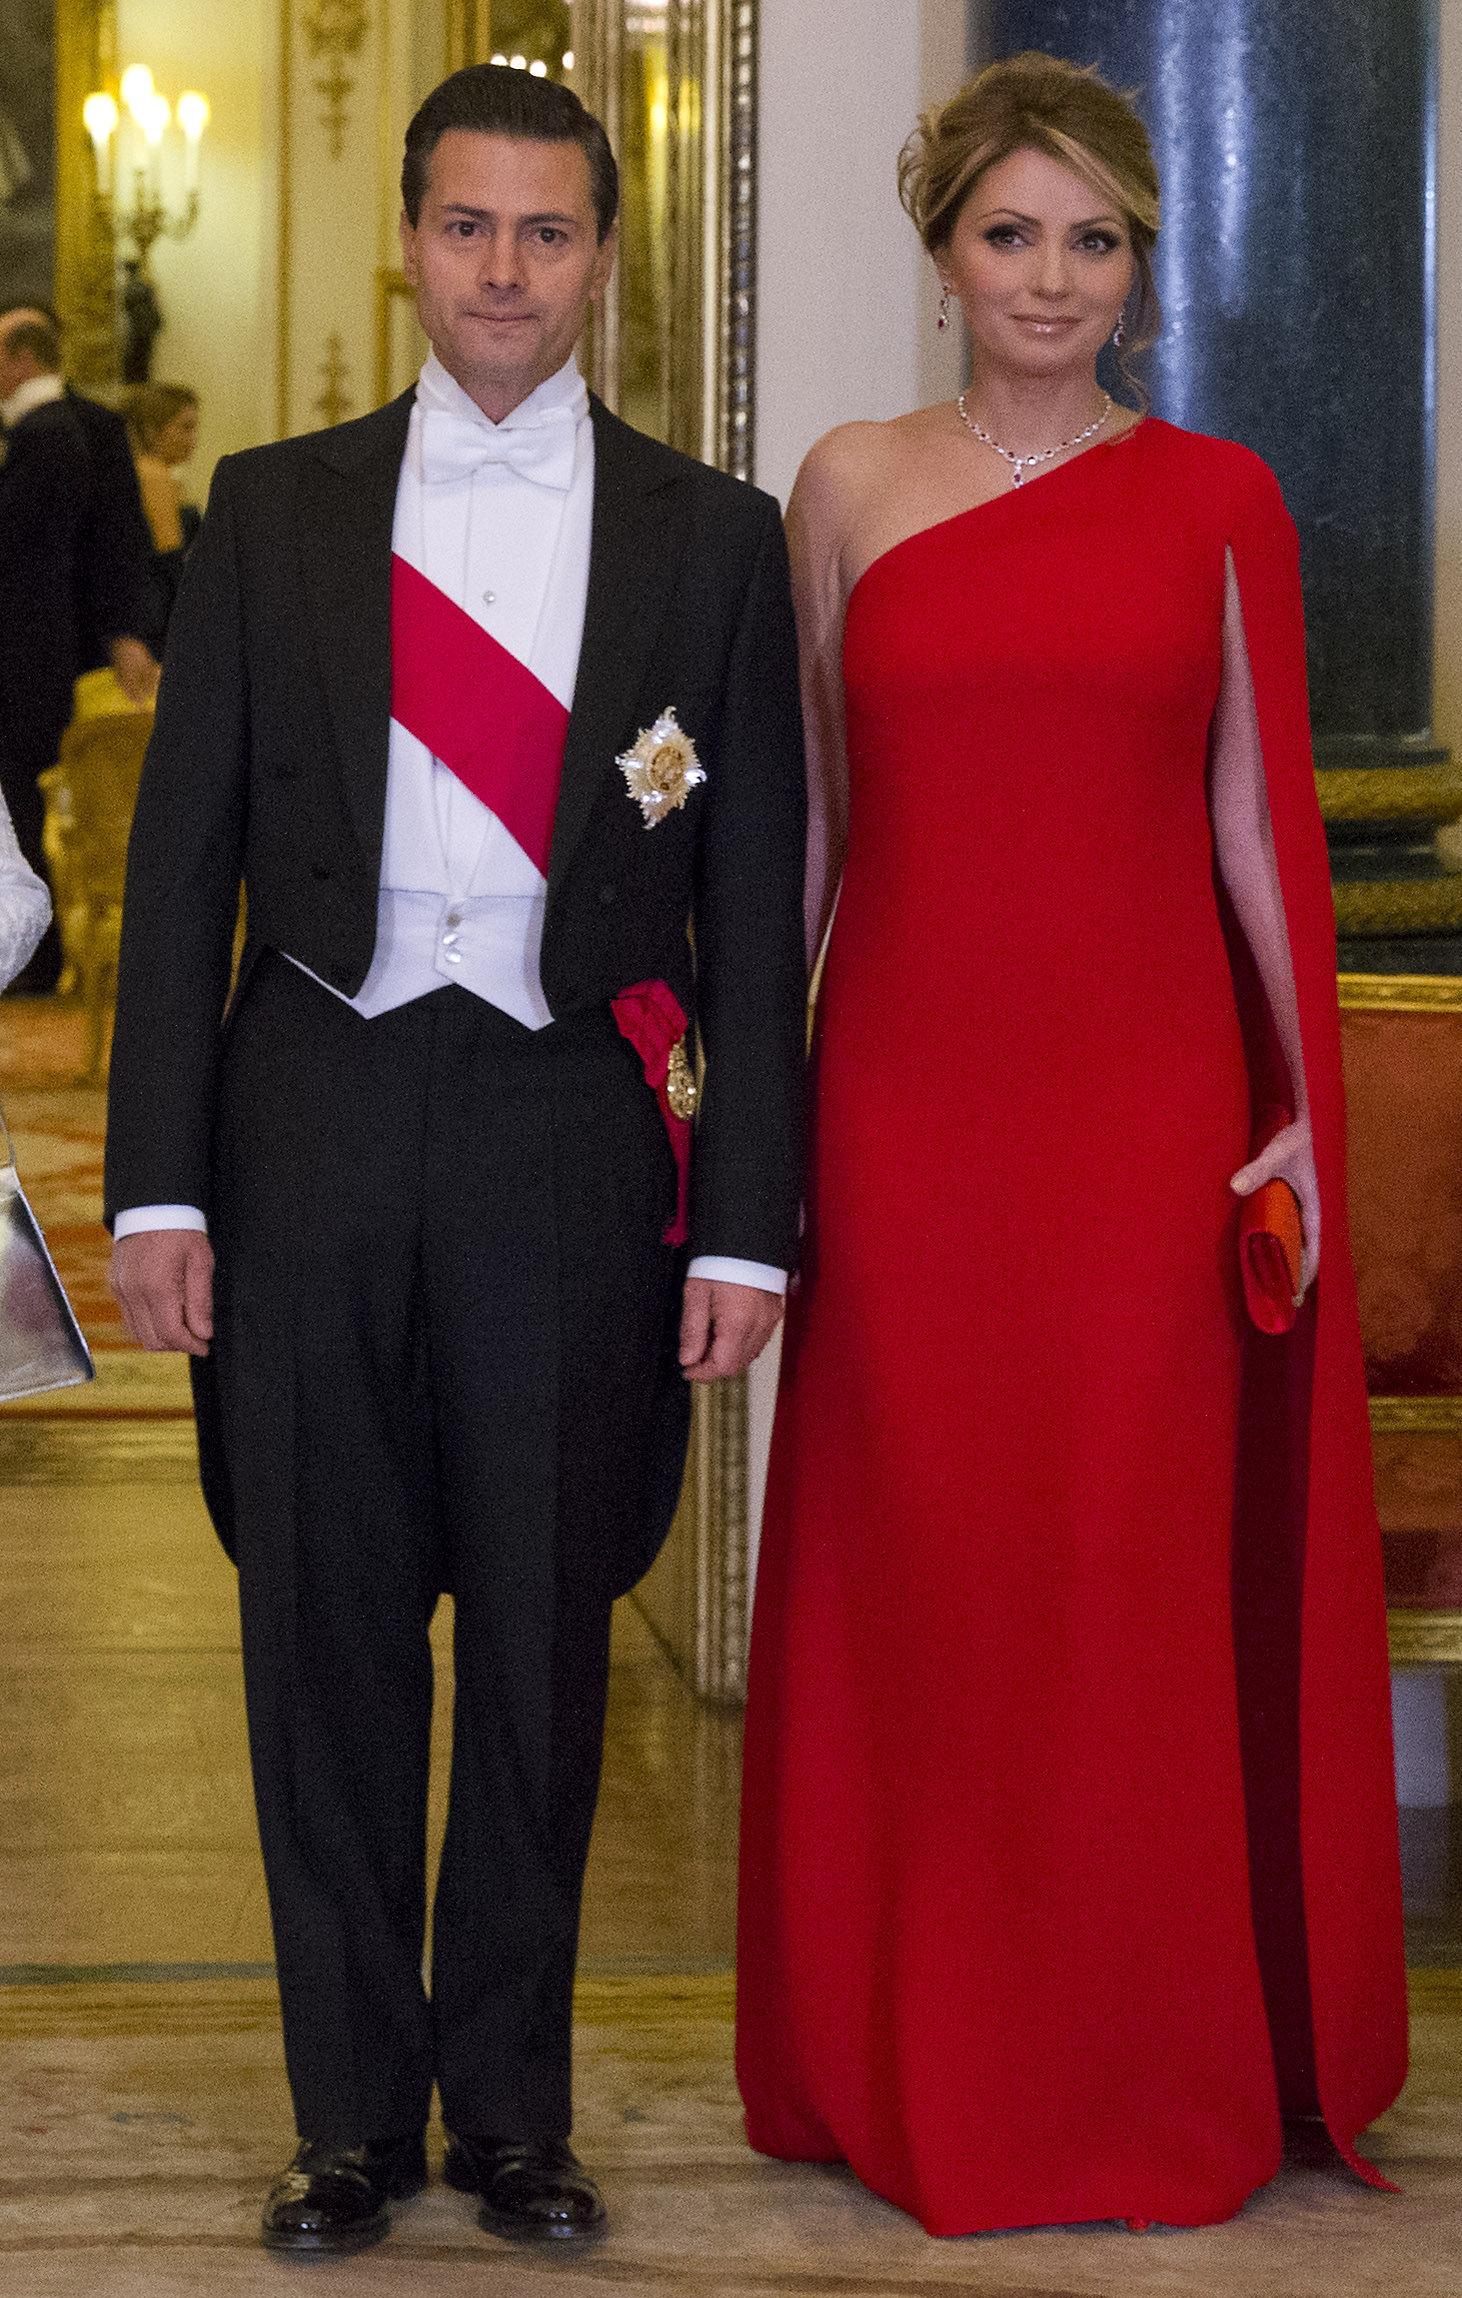 Президент Мексики Энрике Пена Нието и его супруга Анхелика Ривера перед банкетом в Букингемском дворце, Лондон